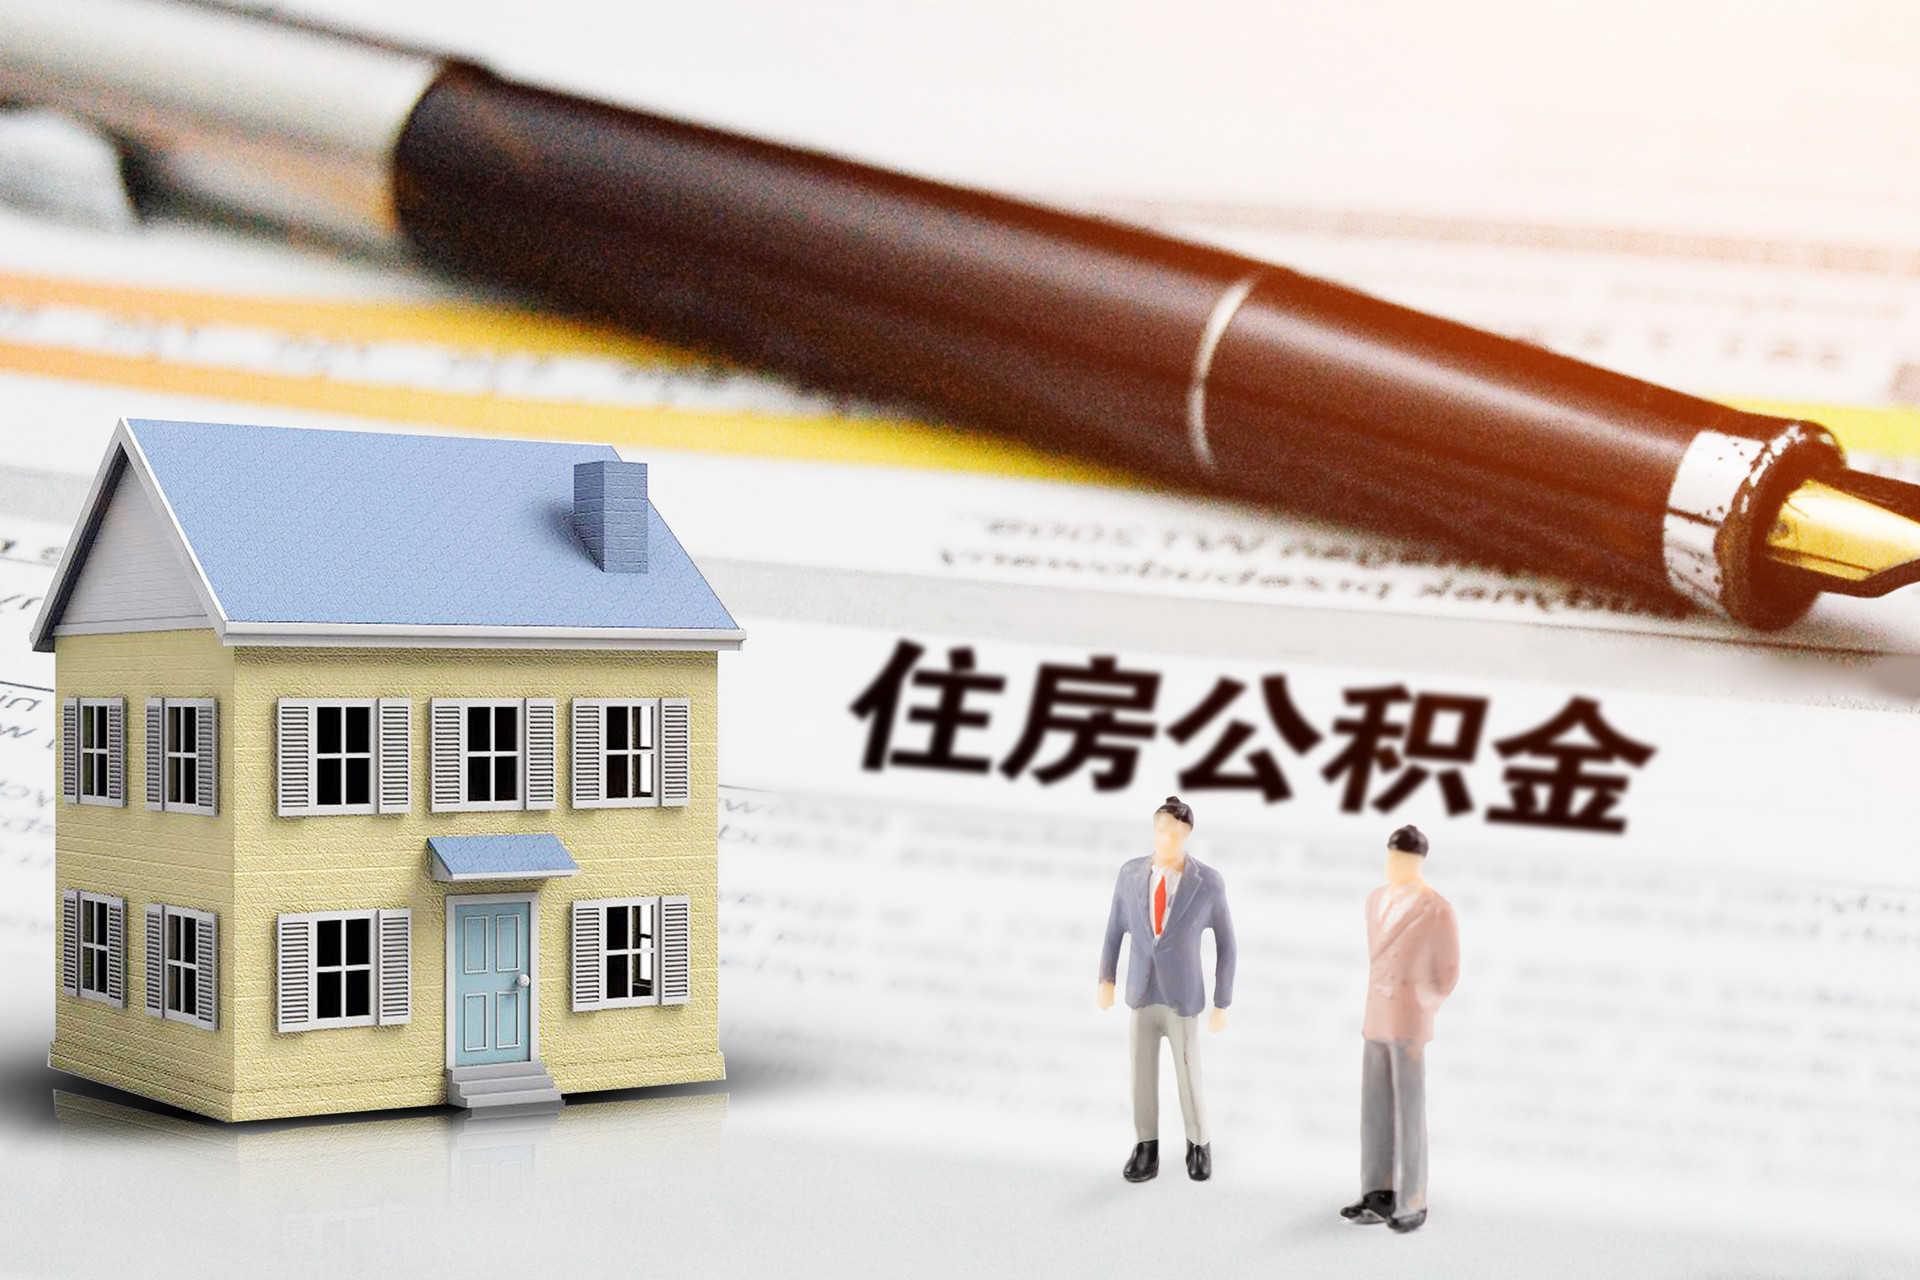 住房公积金贷款余额不足以购房怎么办?